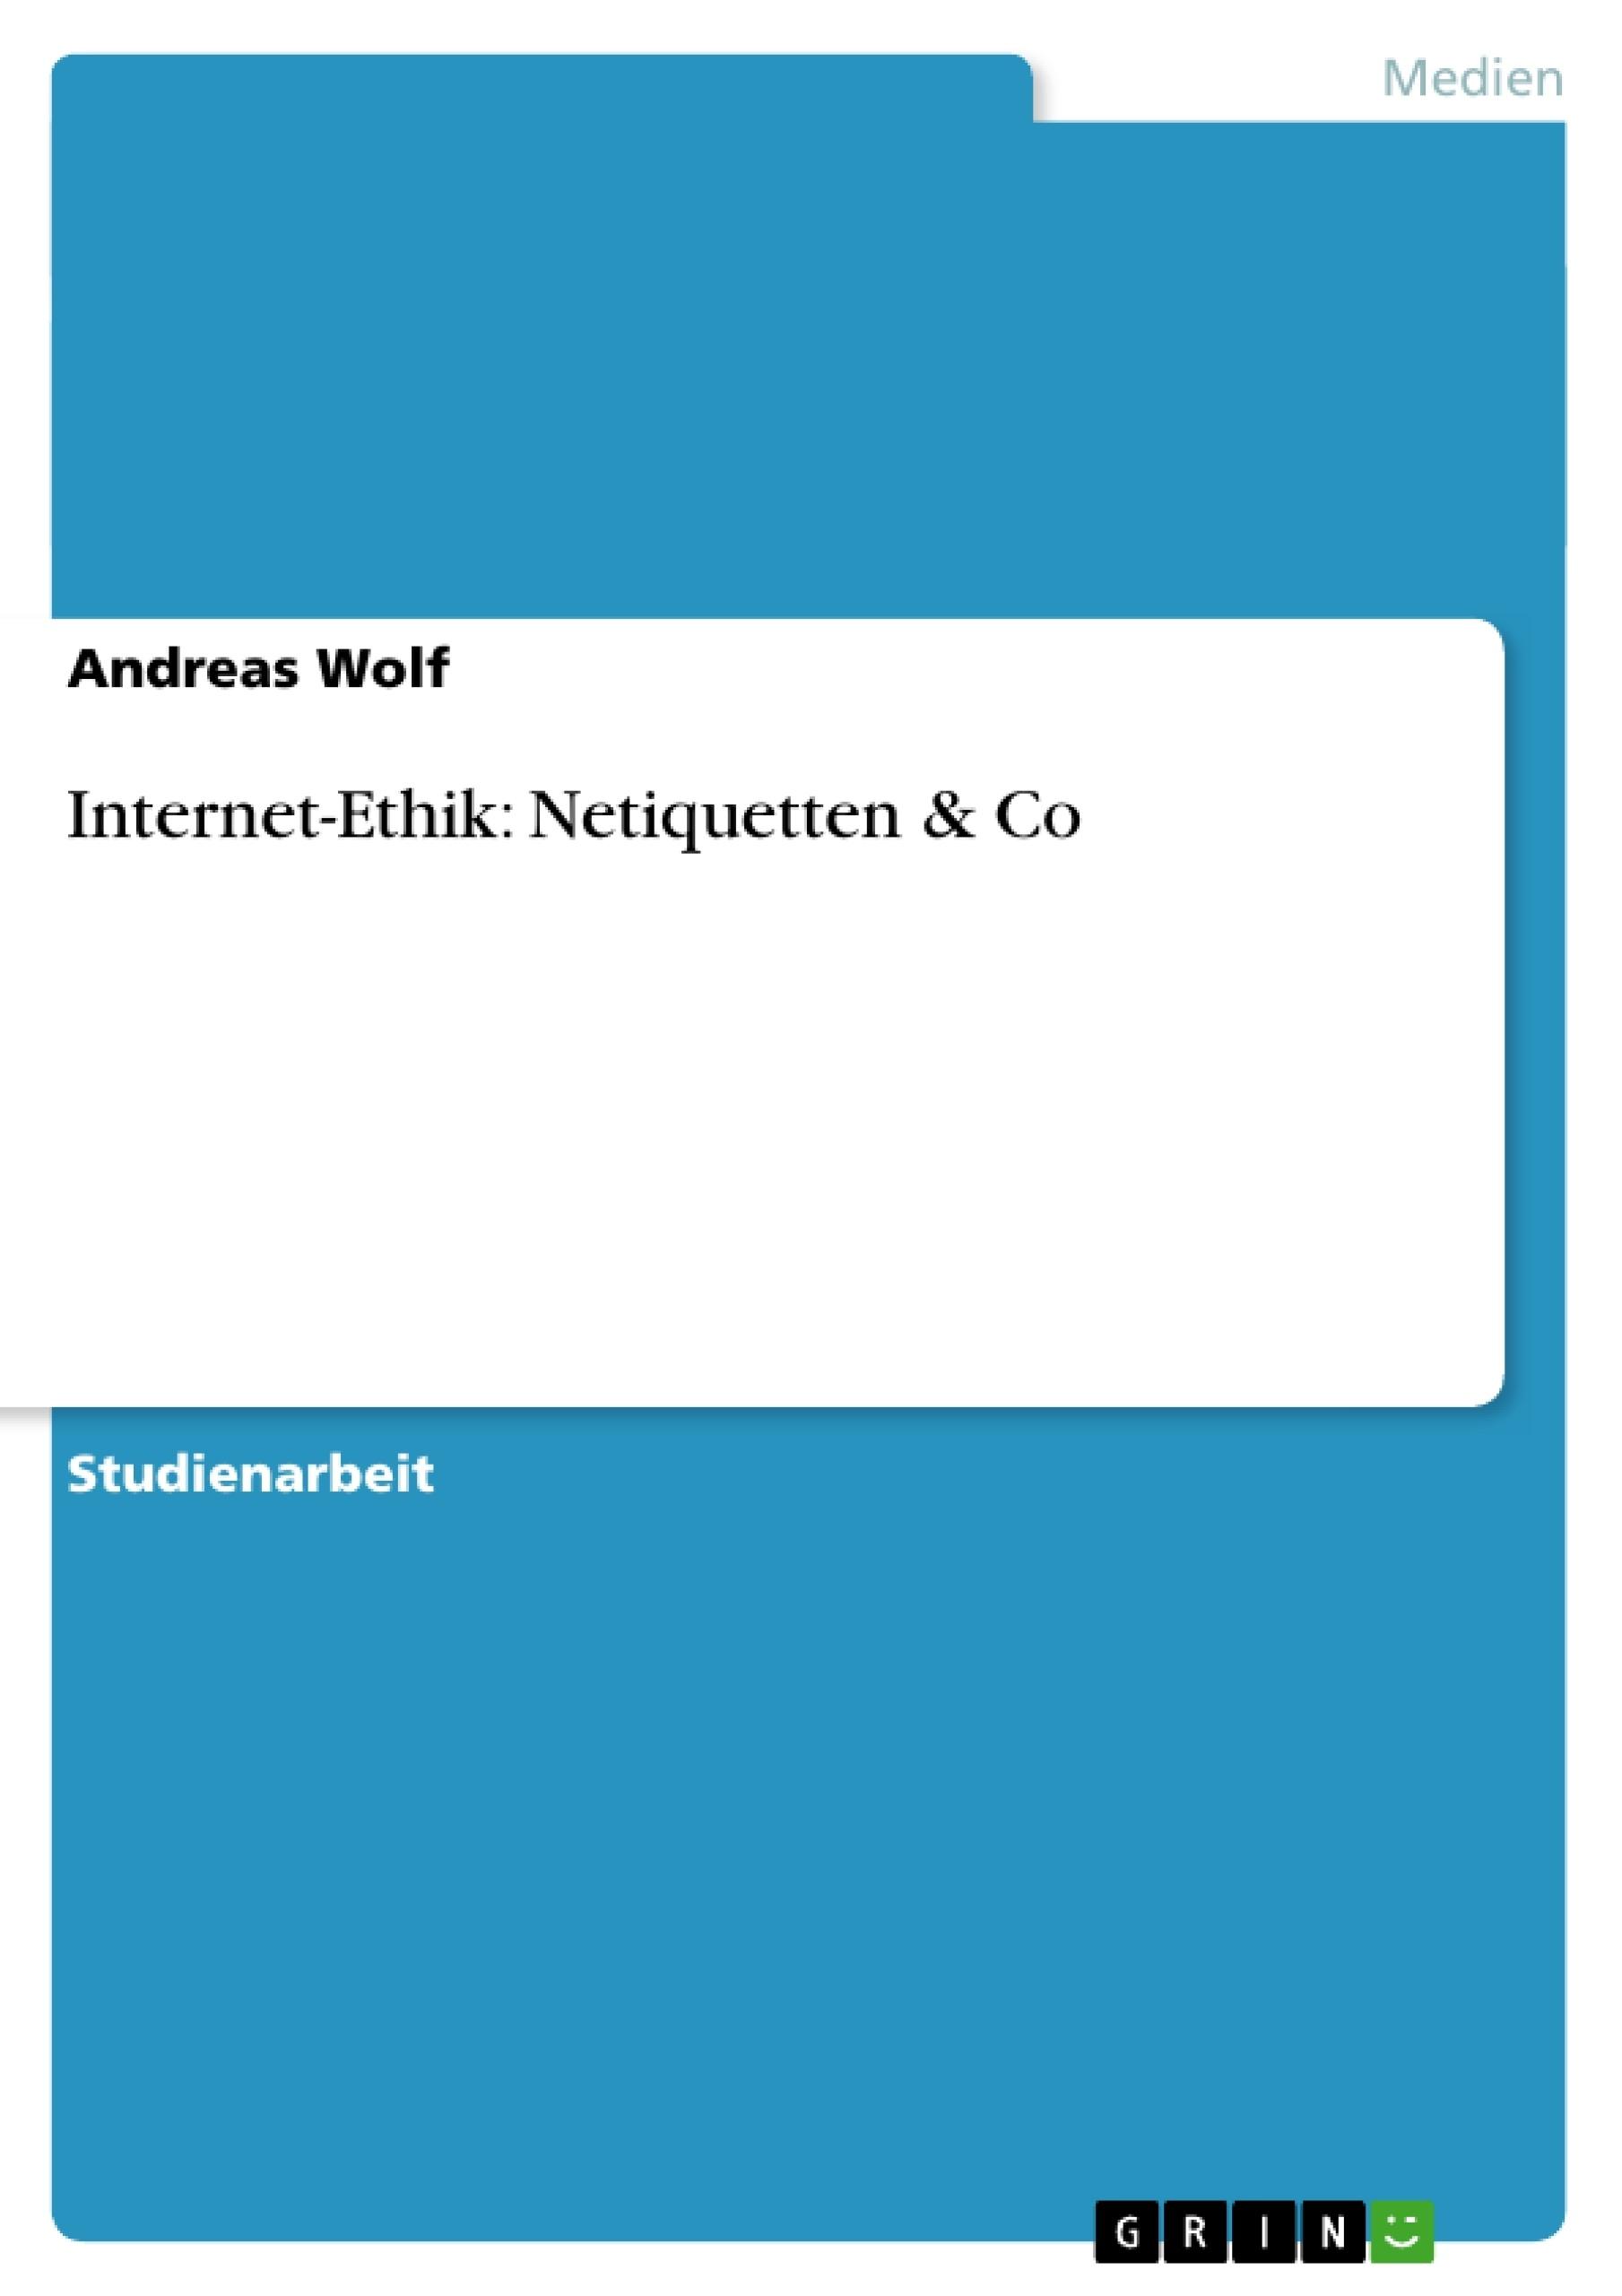 Titel: Internet-Ethik: Netiquetten & Co